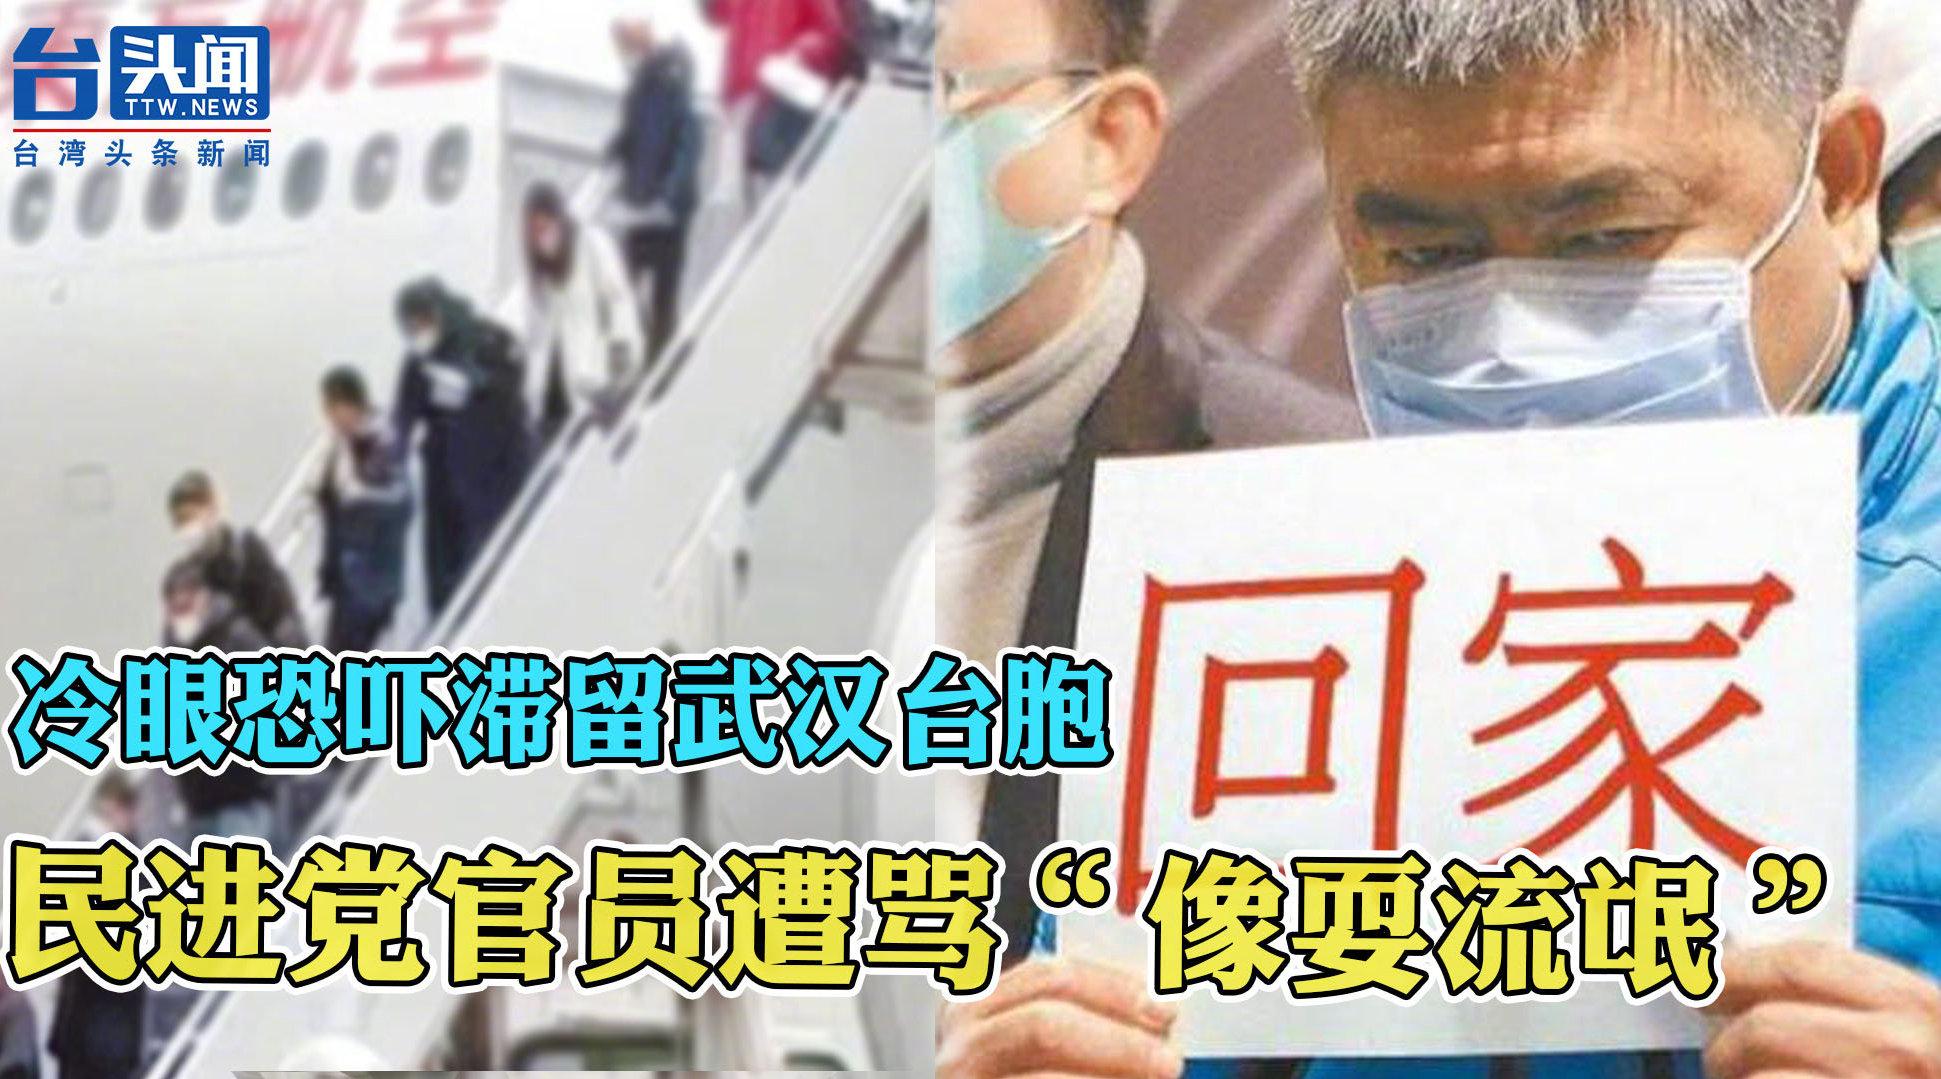 """无耻!蔡英文当局官员放狠话威胁滞留武汉台胞 遭骂""""像耍流氓"""""""